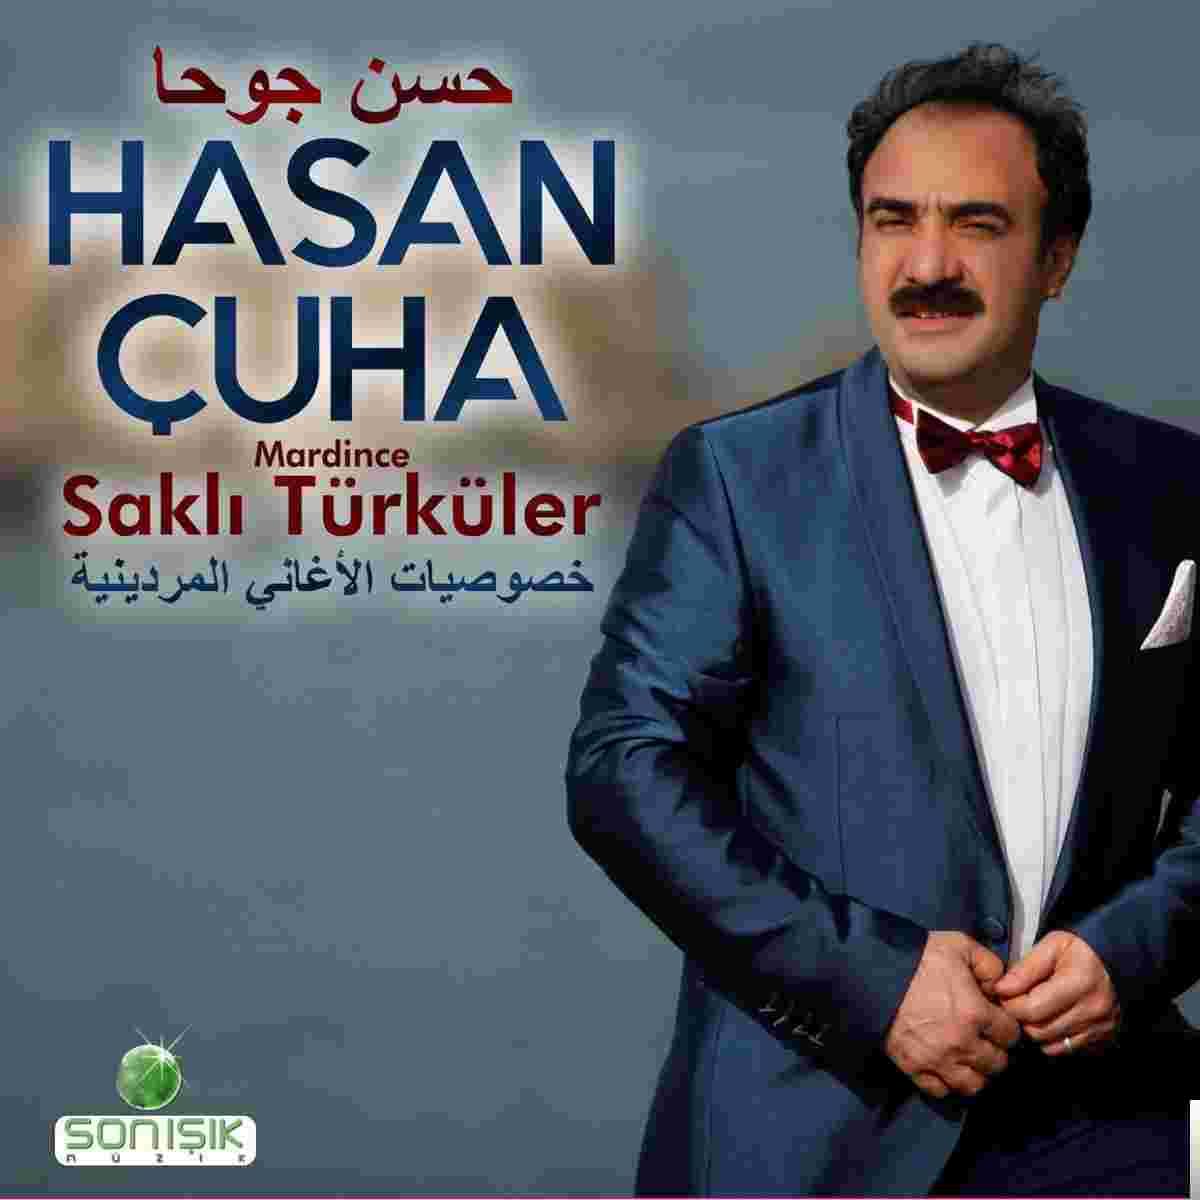 Hasan Çuha Mardince Saklı Türküler